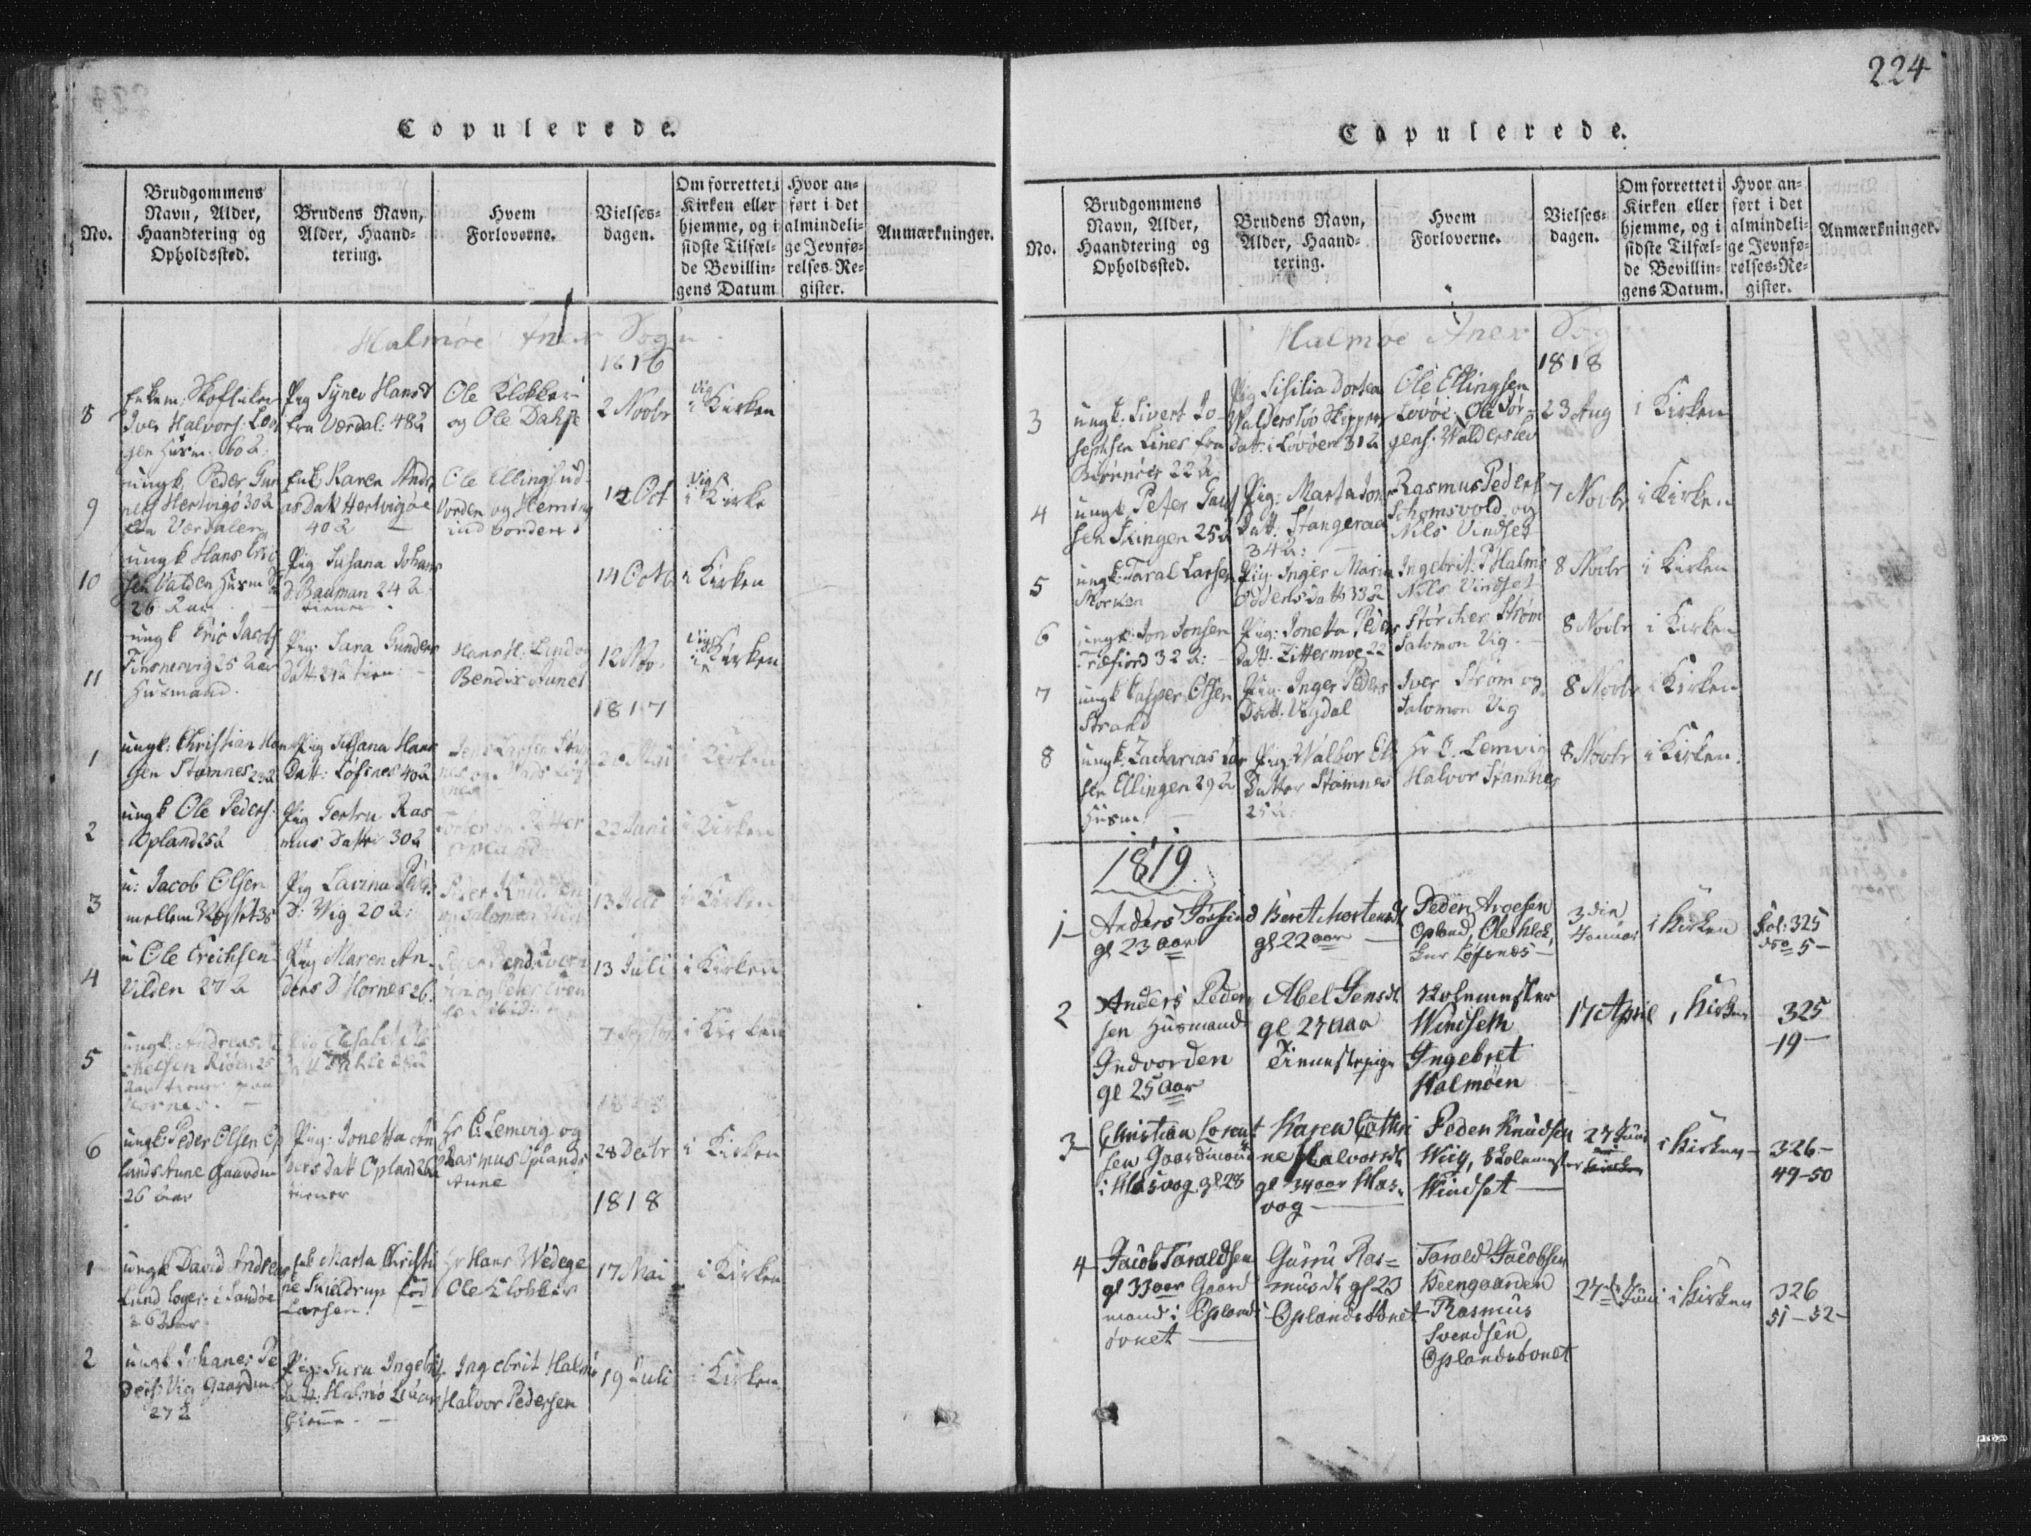 SAT, Ministerialprotokoller, klokkerbøker og fødselsregistre - Nord-Trøndelag, 773/L0609: Ministerialbok nr. 773A03 /3, 1815-1830, s. 224